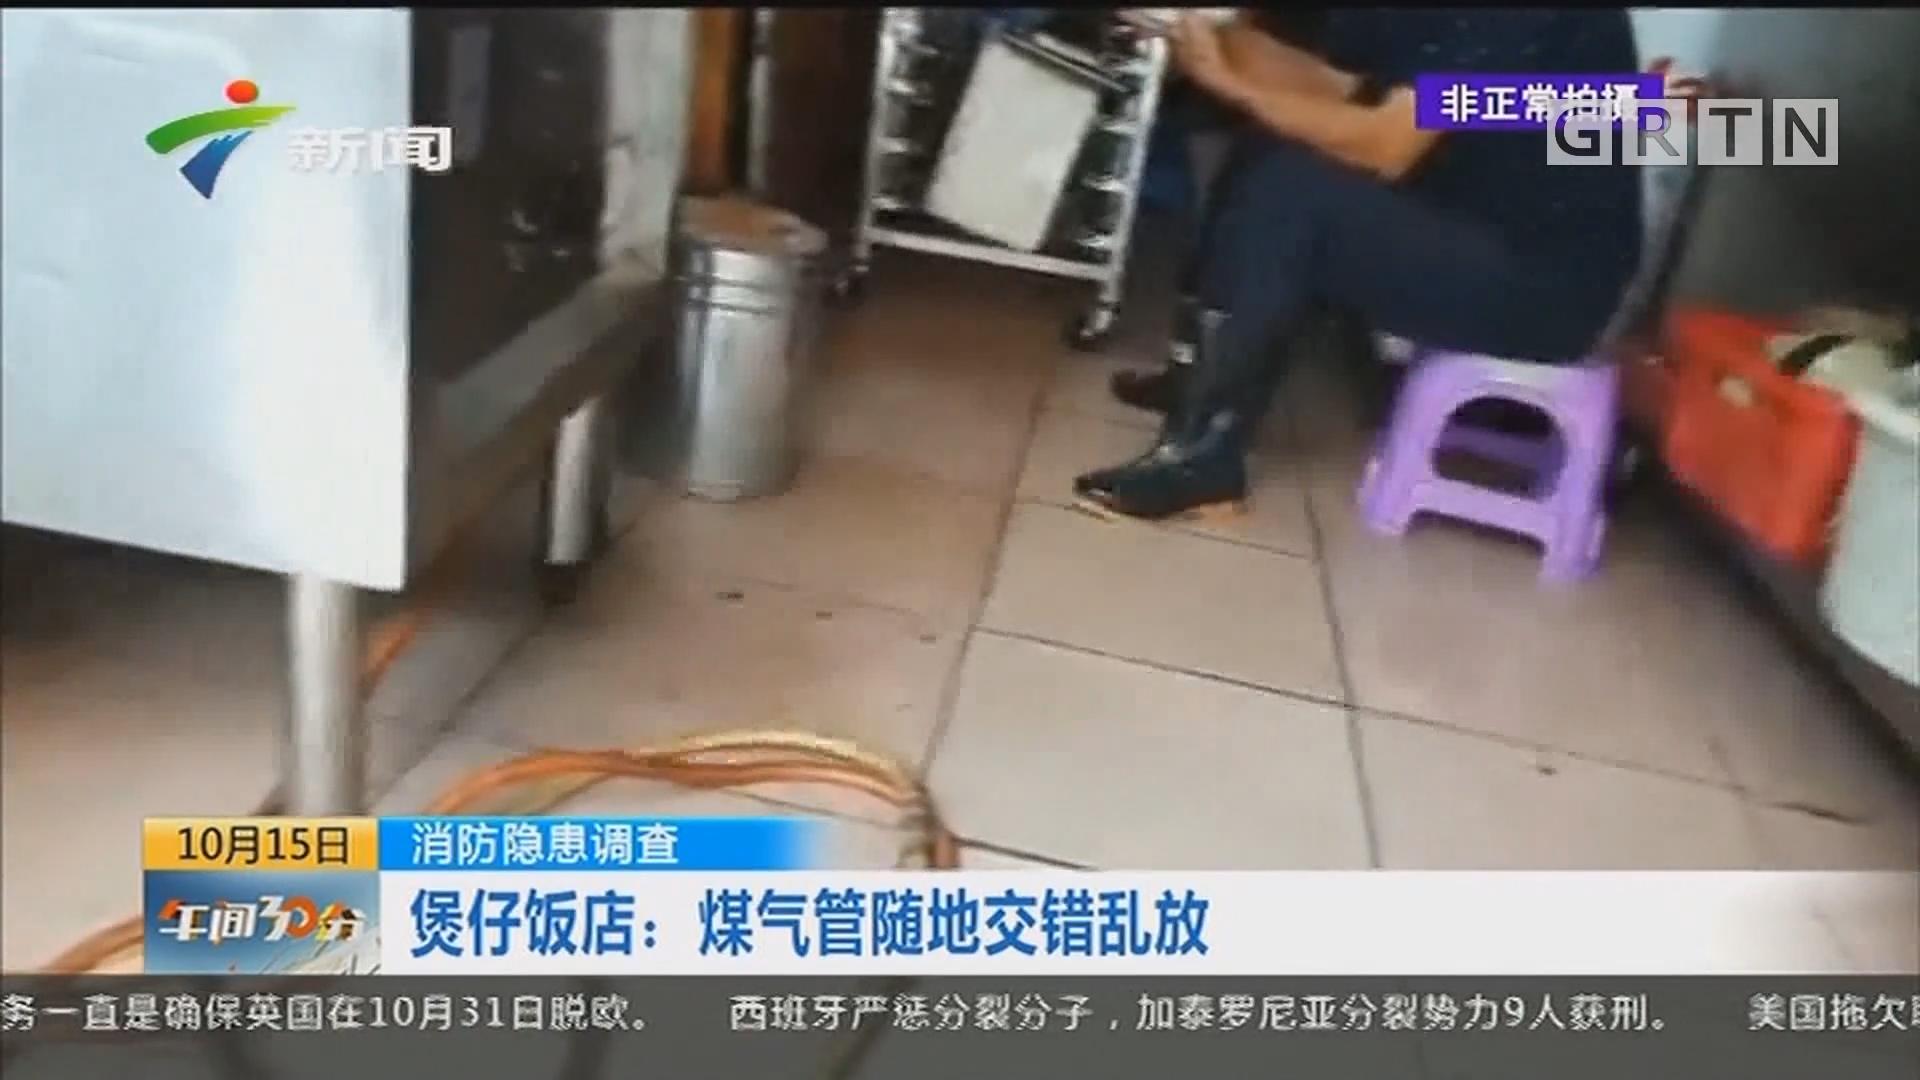 消防隐患调查 煲仔饭店:煤气管随地交错乱放